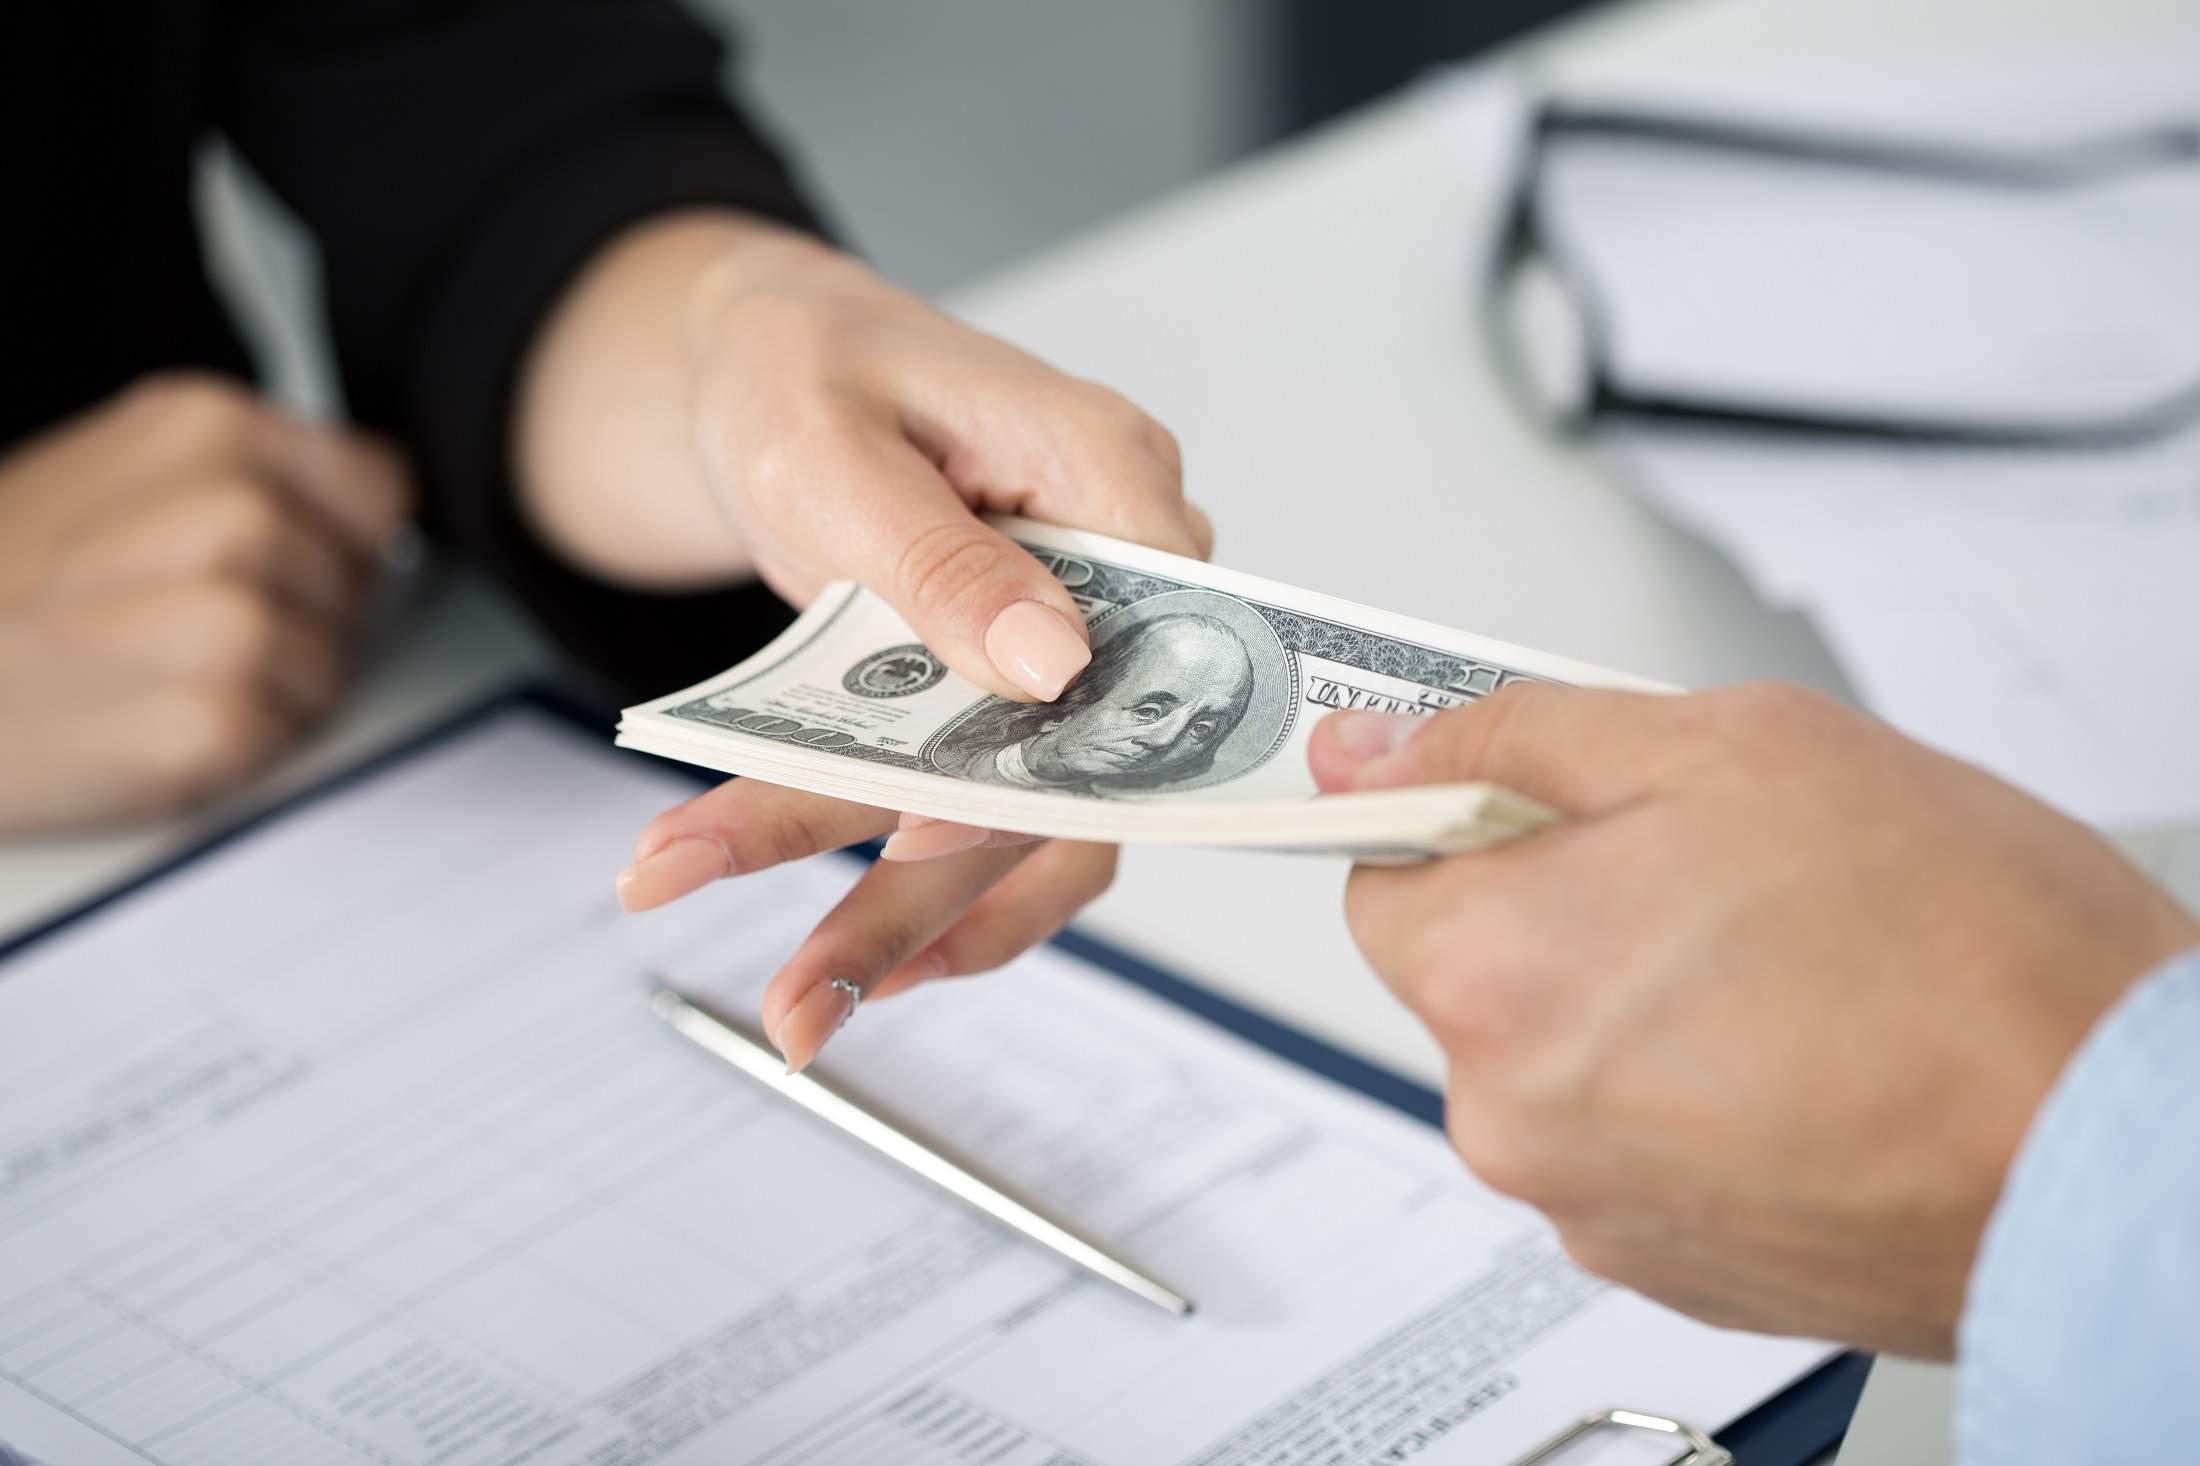 Trường hợp không mua bảo hiểm khoản vay